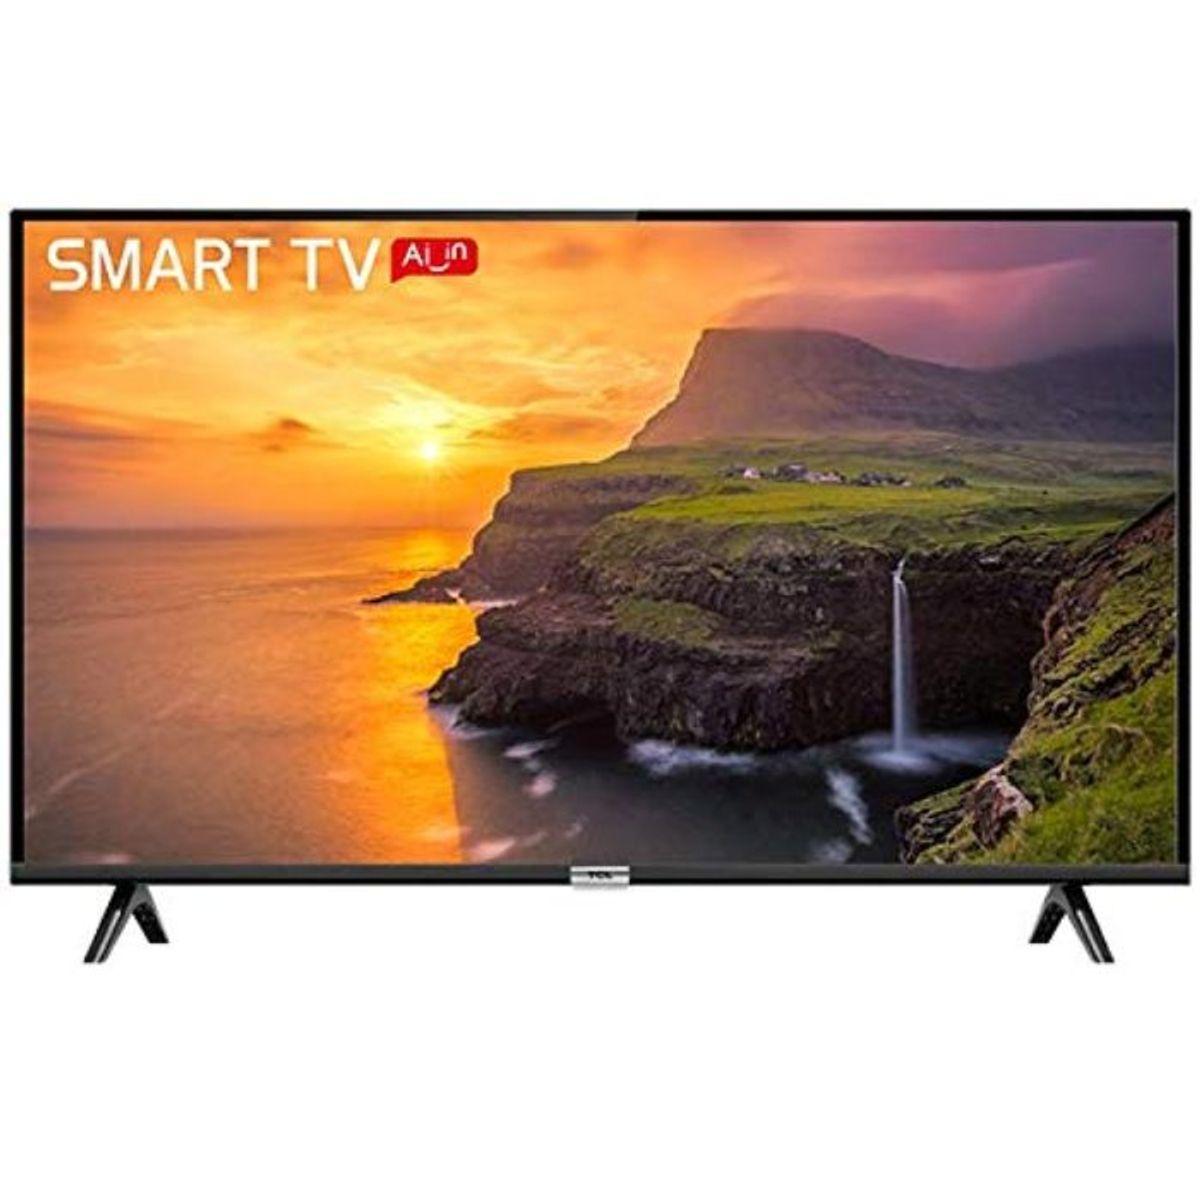 टीसीएल 32 Inches HD Ready एंड्रॉइड Smart LED टीवी 32S6500S